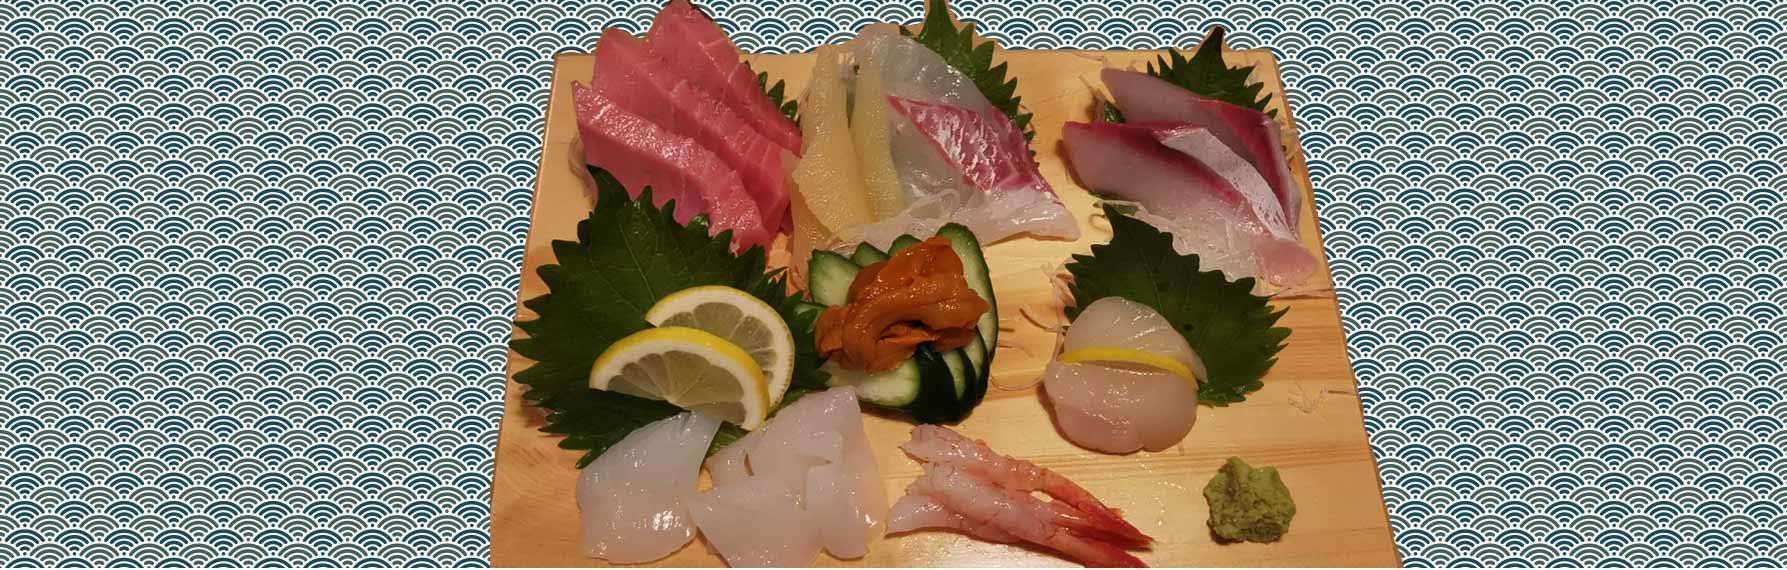 liste de plats typiques japonais : sushi et sashimi